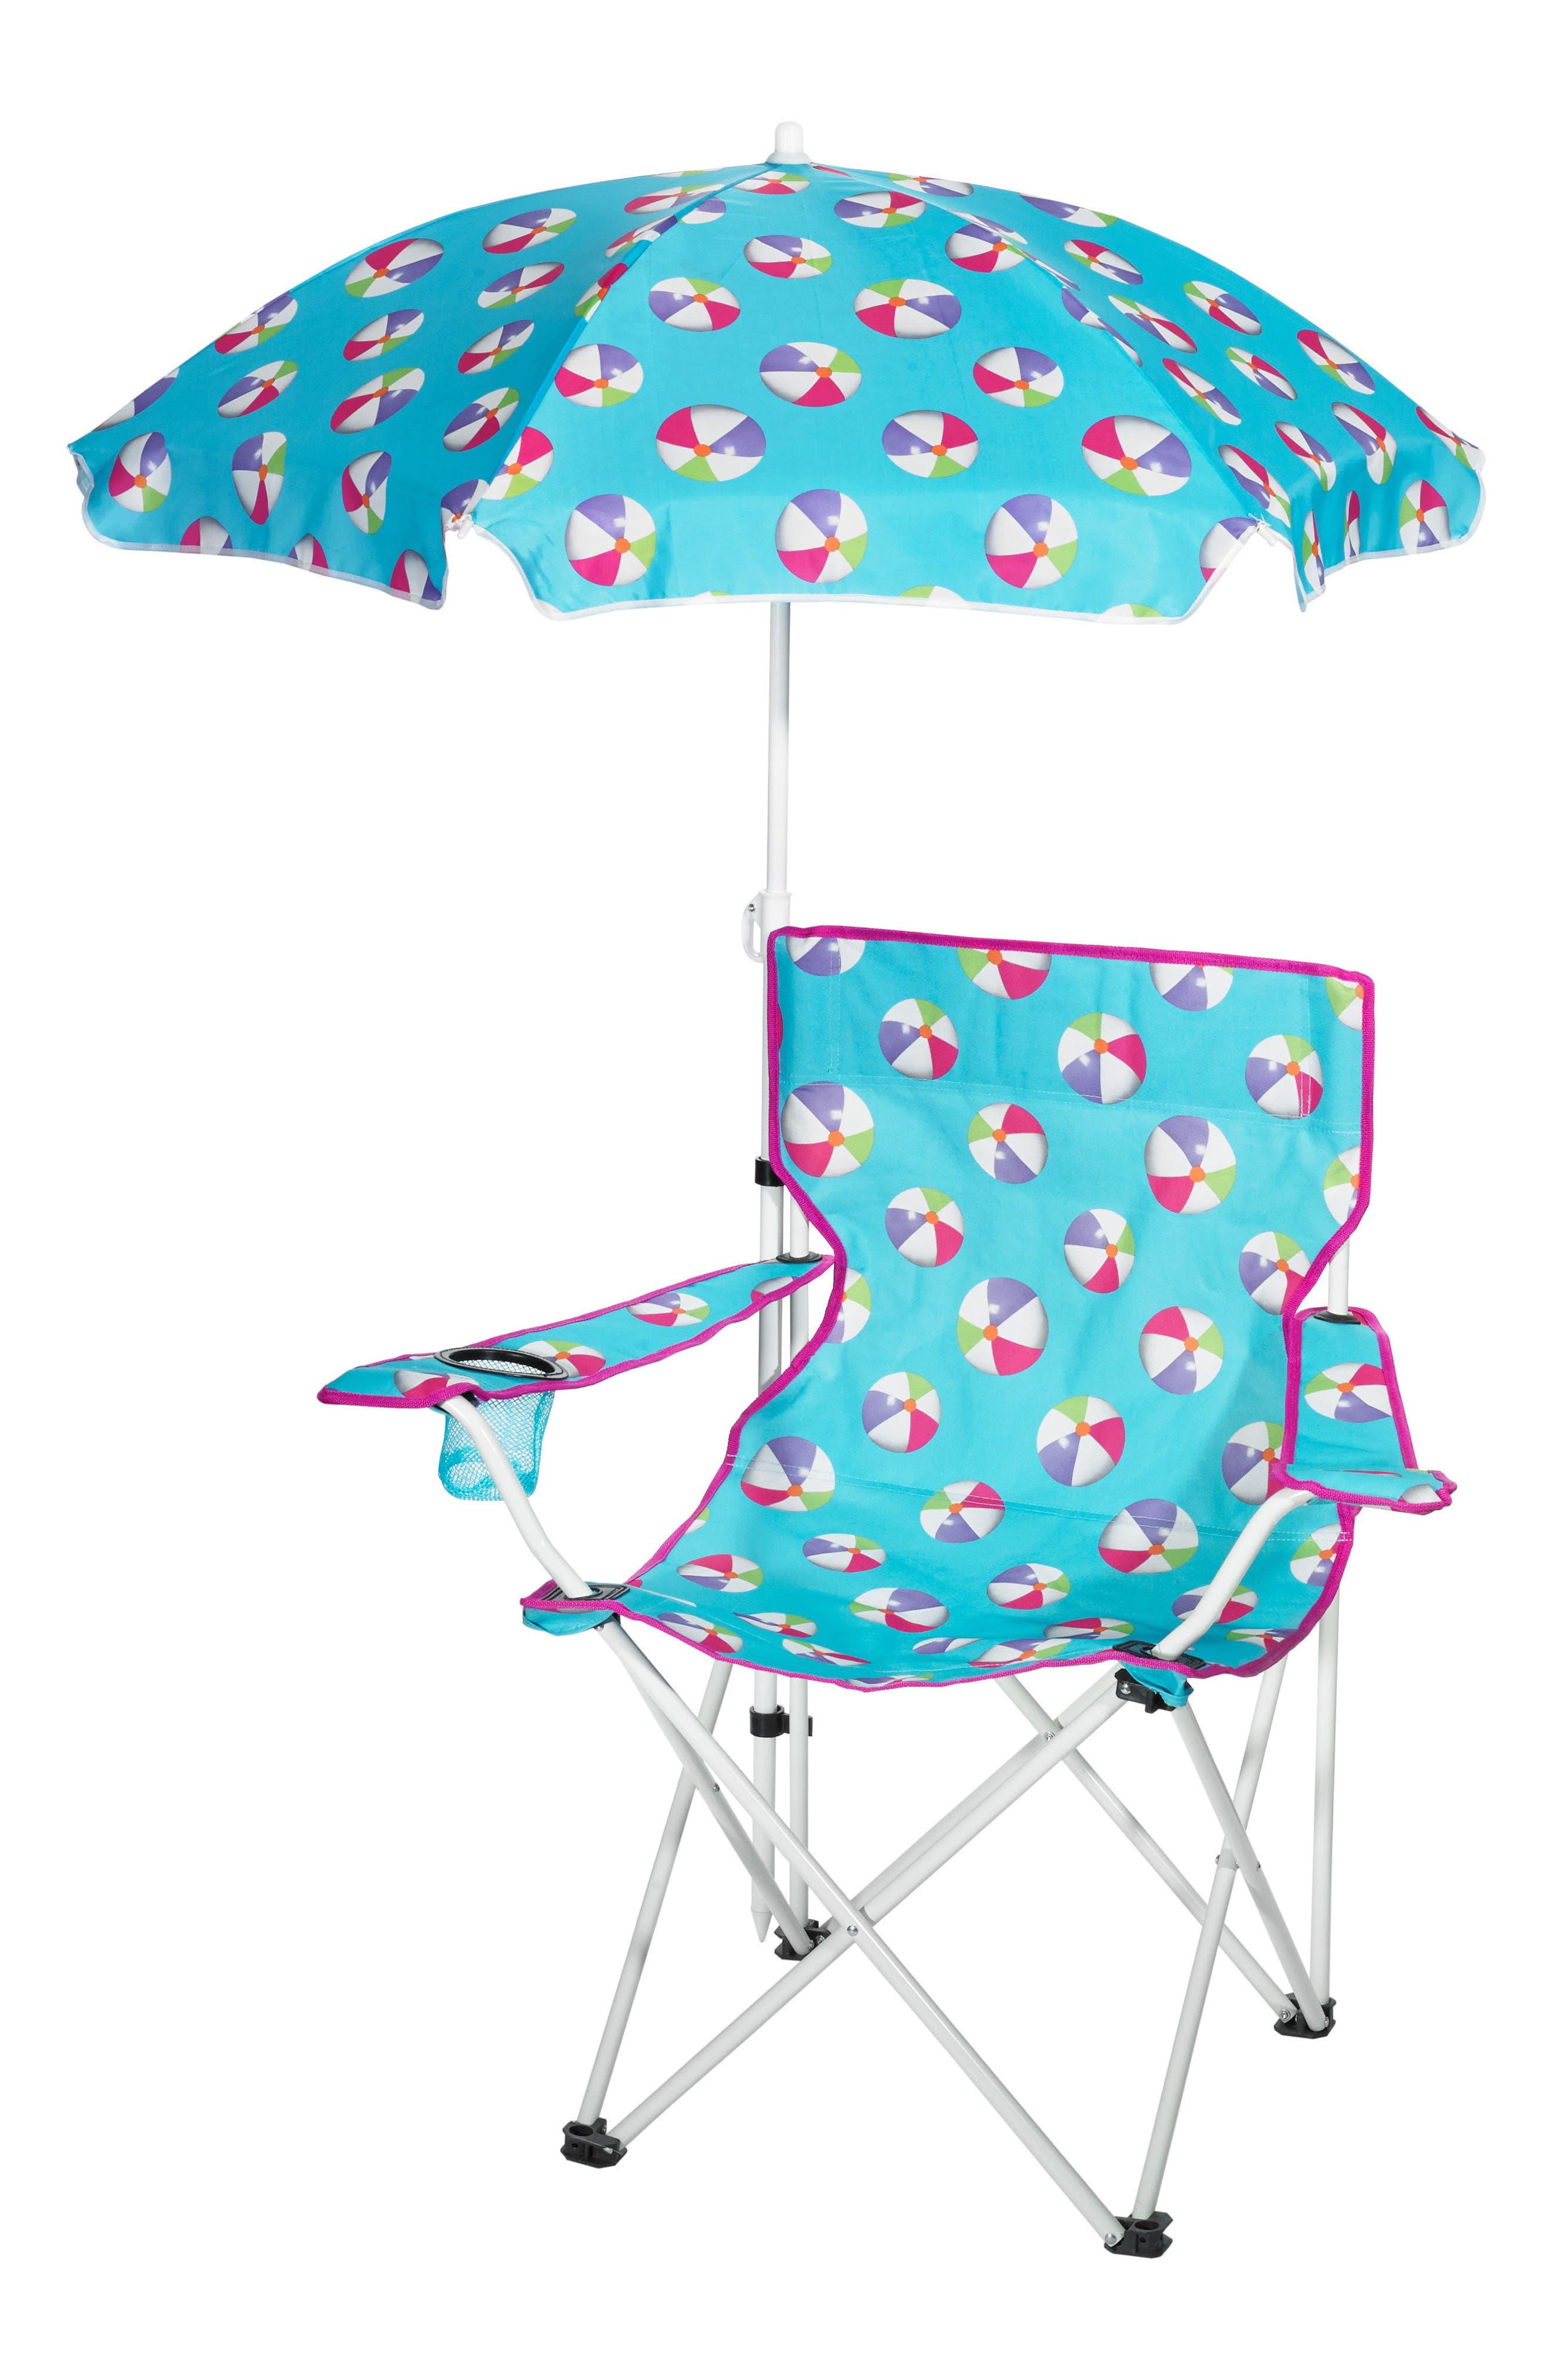 Umbrella Beach Chair,                             Main thumbnail 1, color,                             Teal